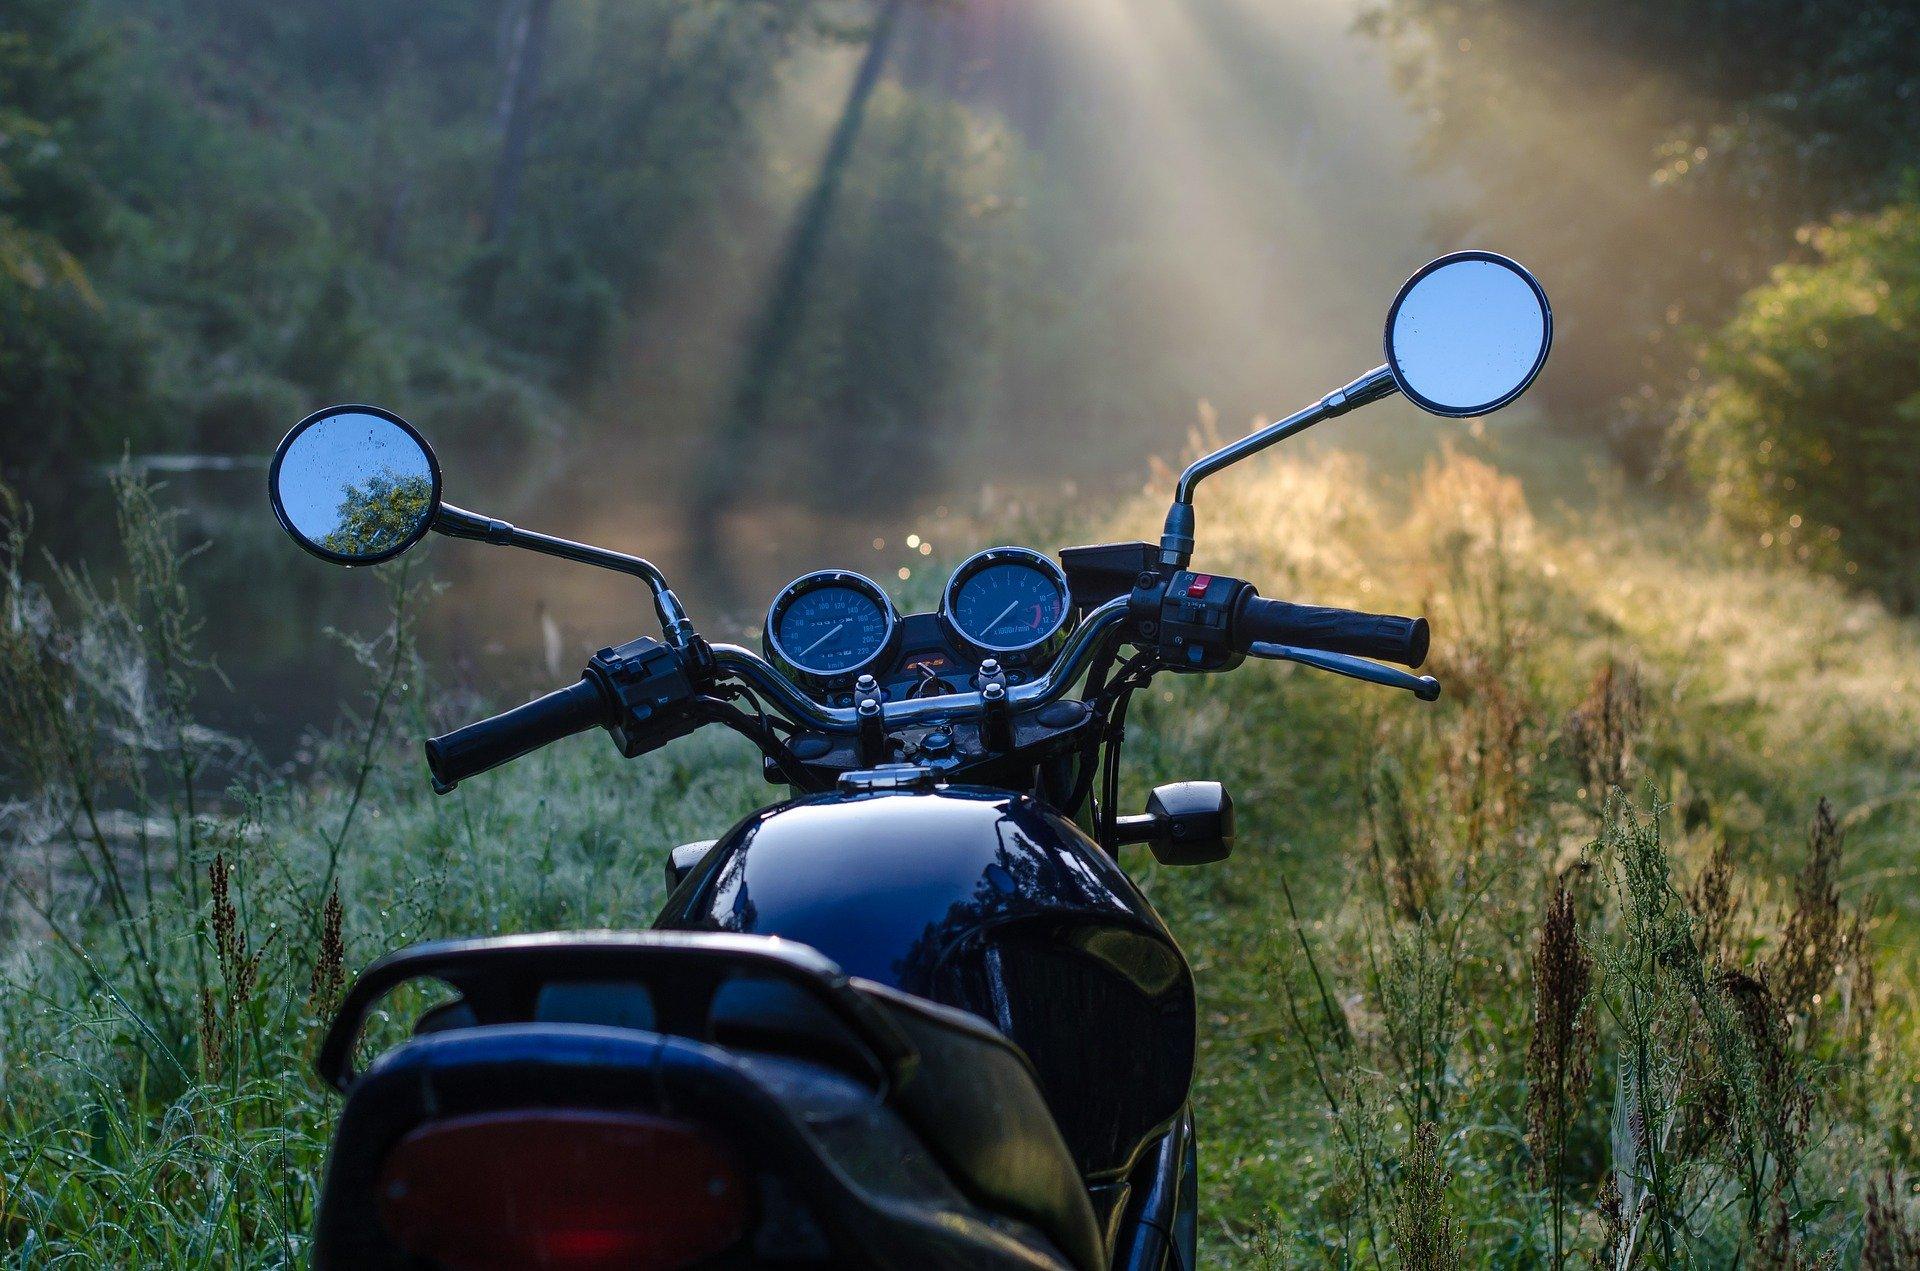 Foto de uma moto preta em um campo com grama e árvores e a luz do sol vindo da parte superior esquerda. Imagem ilustrativa para texto seguro de moto.